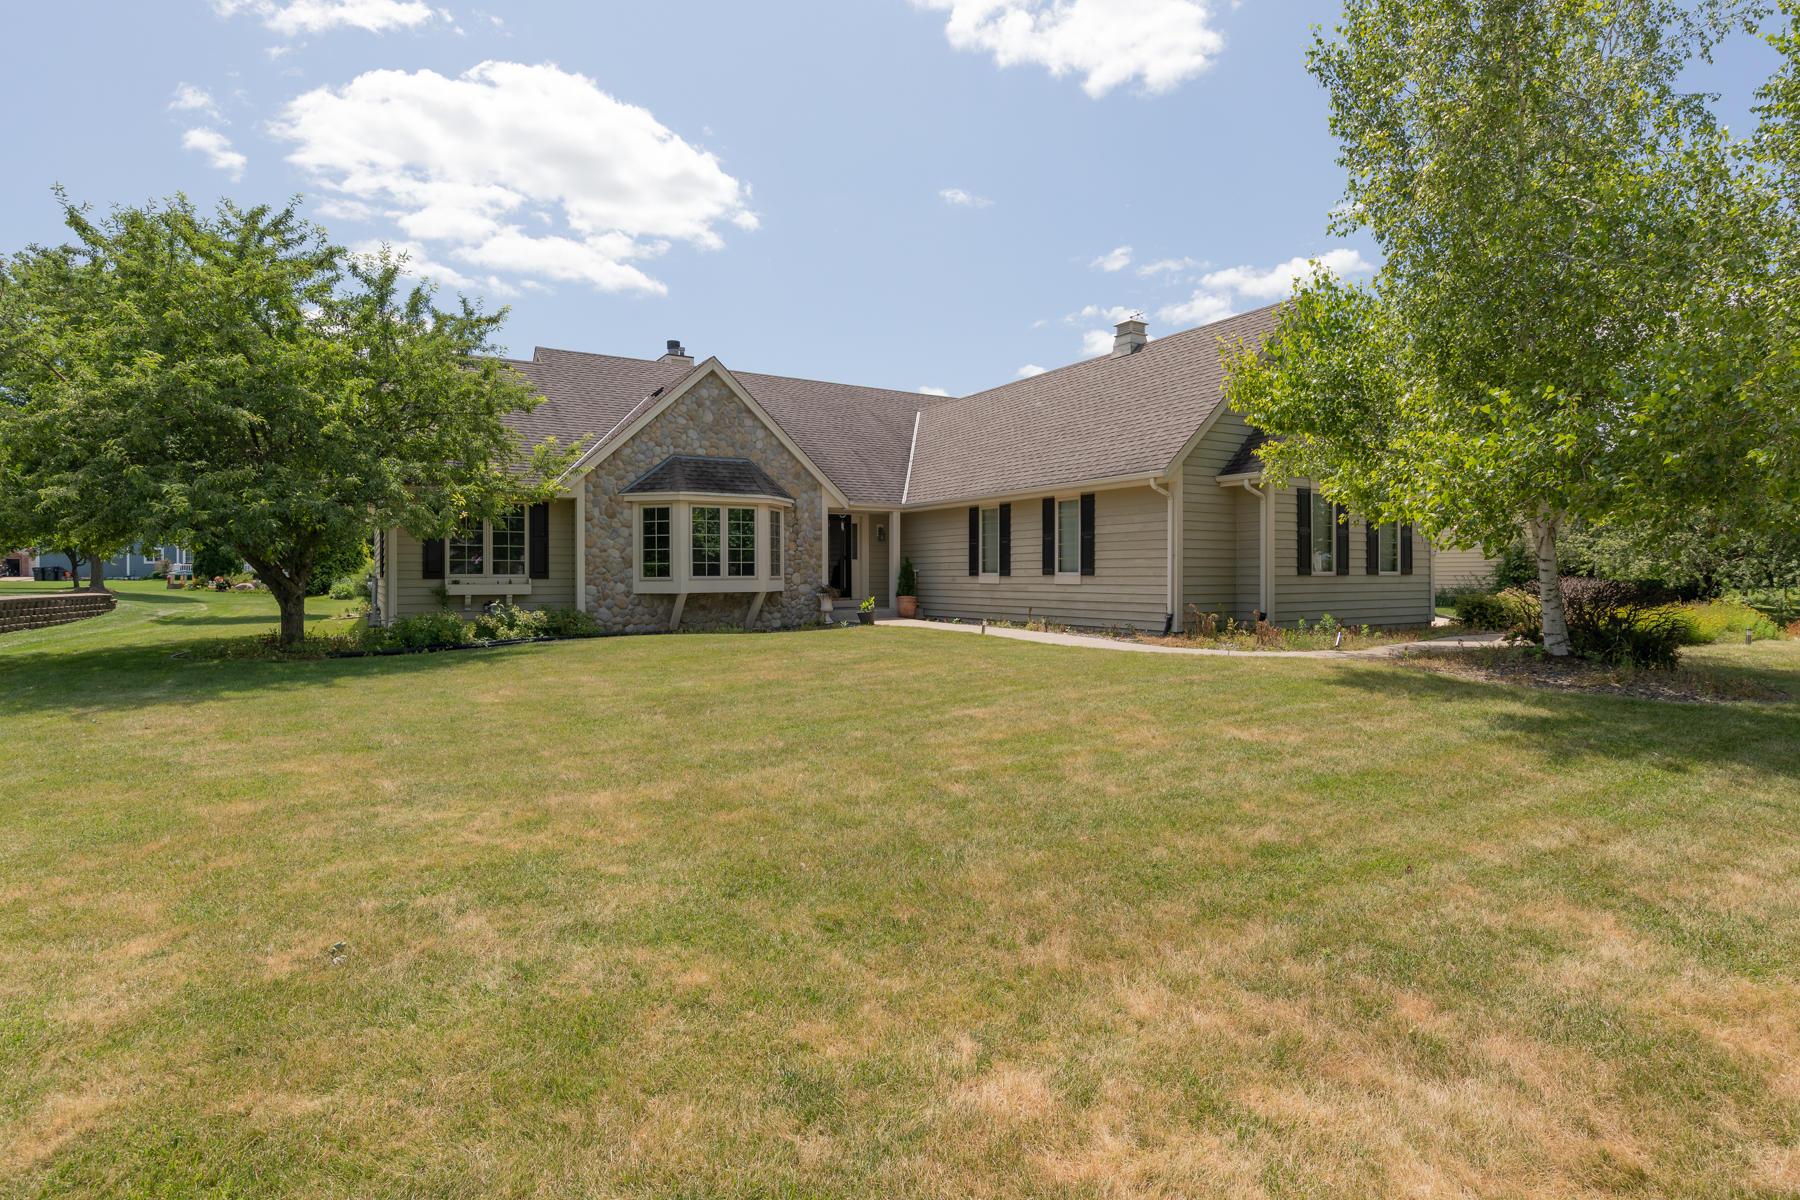 1617 Legend Cir, Waukesha, Wisconsin 53189, 3 Bedrooms Bedrooms, 9 Rooms Rooms,3 BathroomsBathrooms,Single-Family,For Sale,Legend Cir,1650288